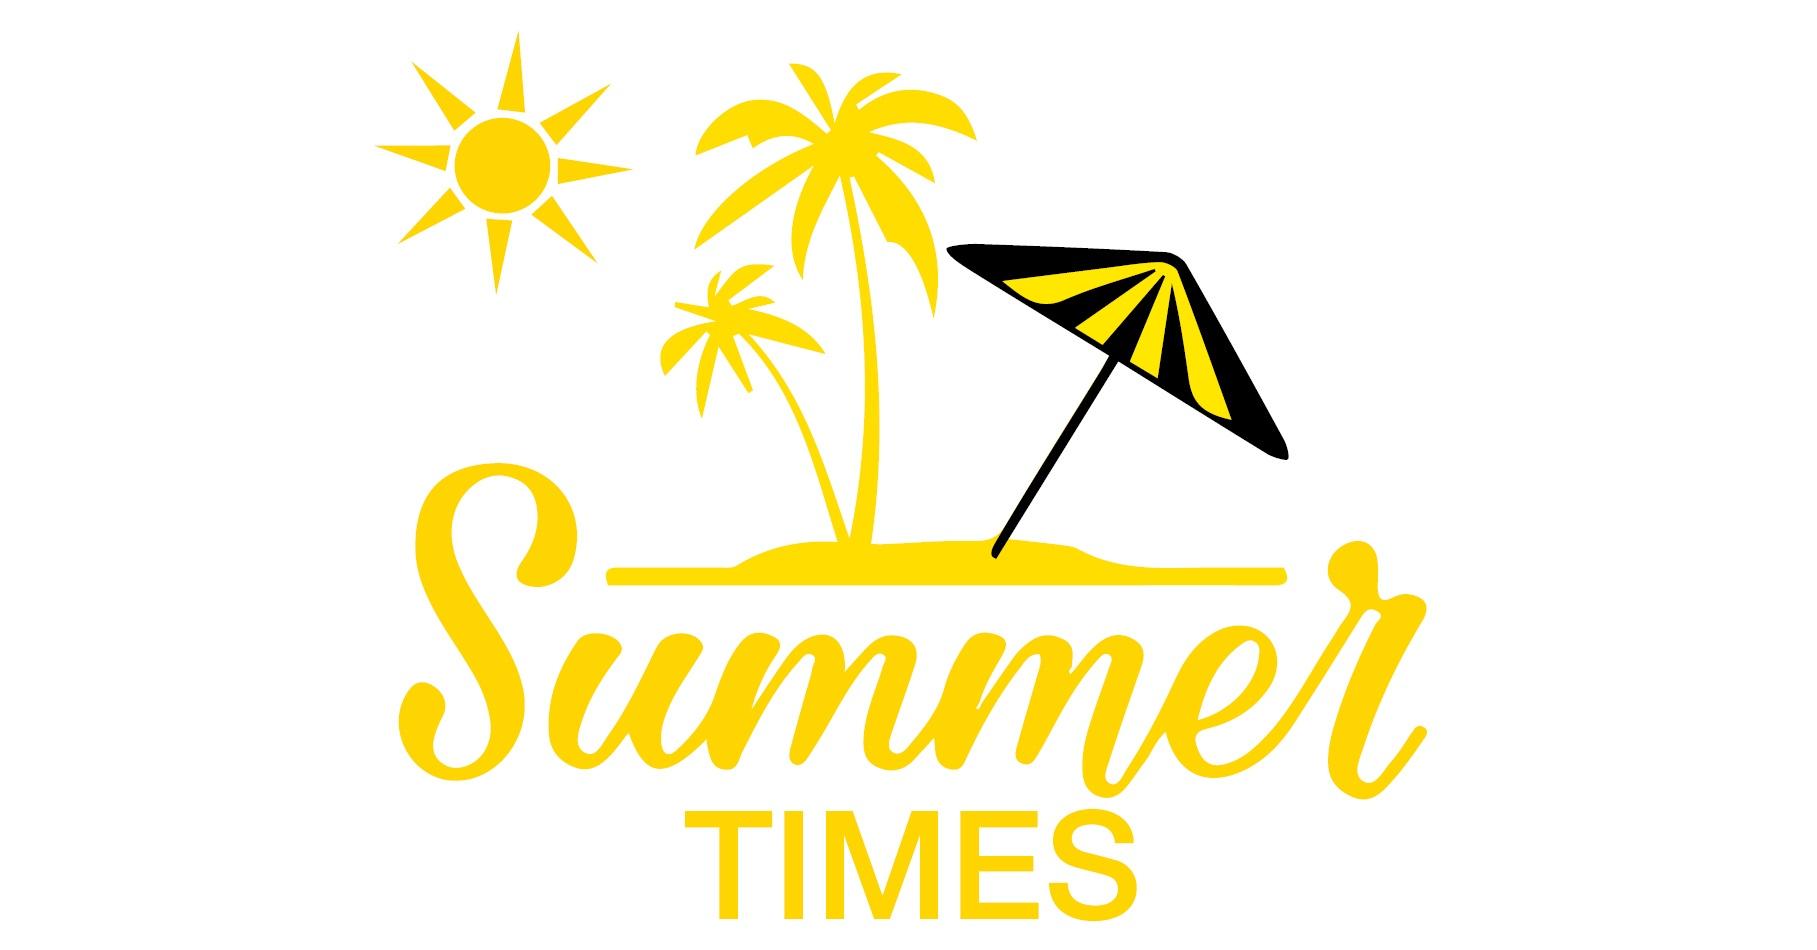 Herlig sommer!